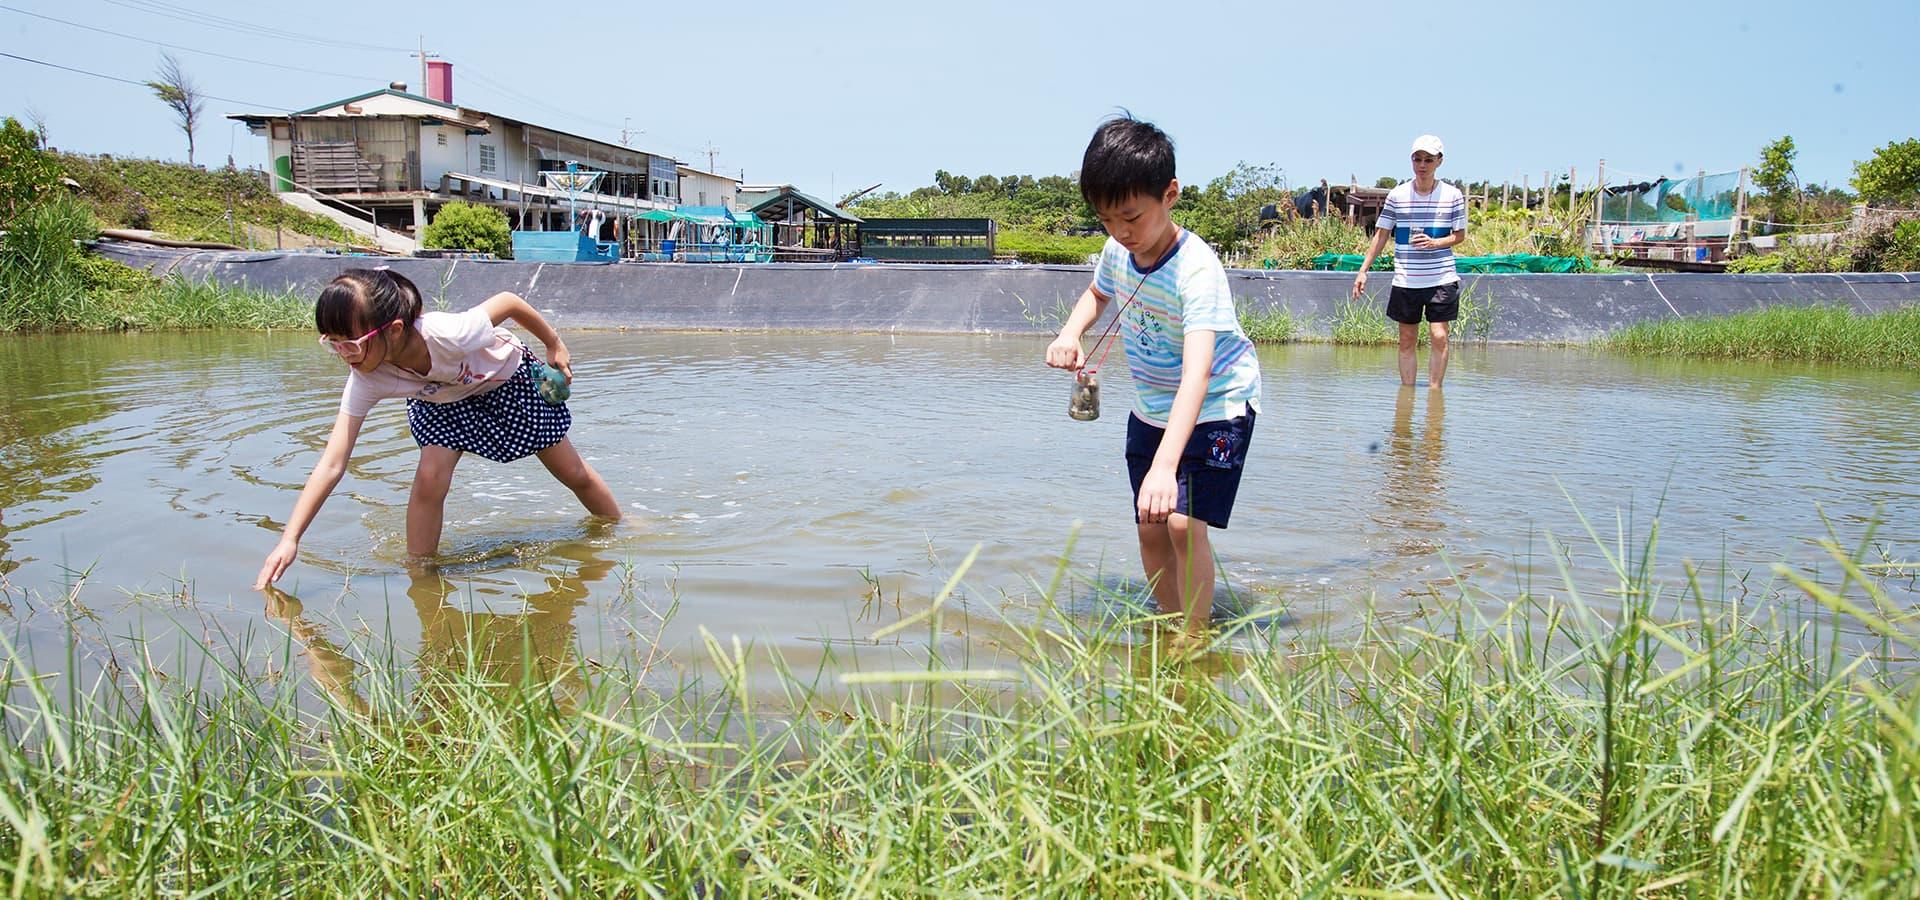 嘉義20200517東石向禾休閒漁場_YI6L0533